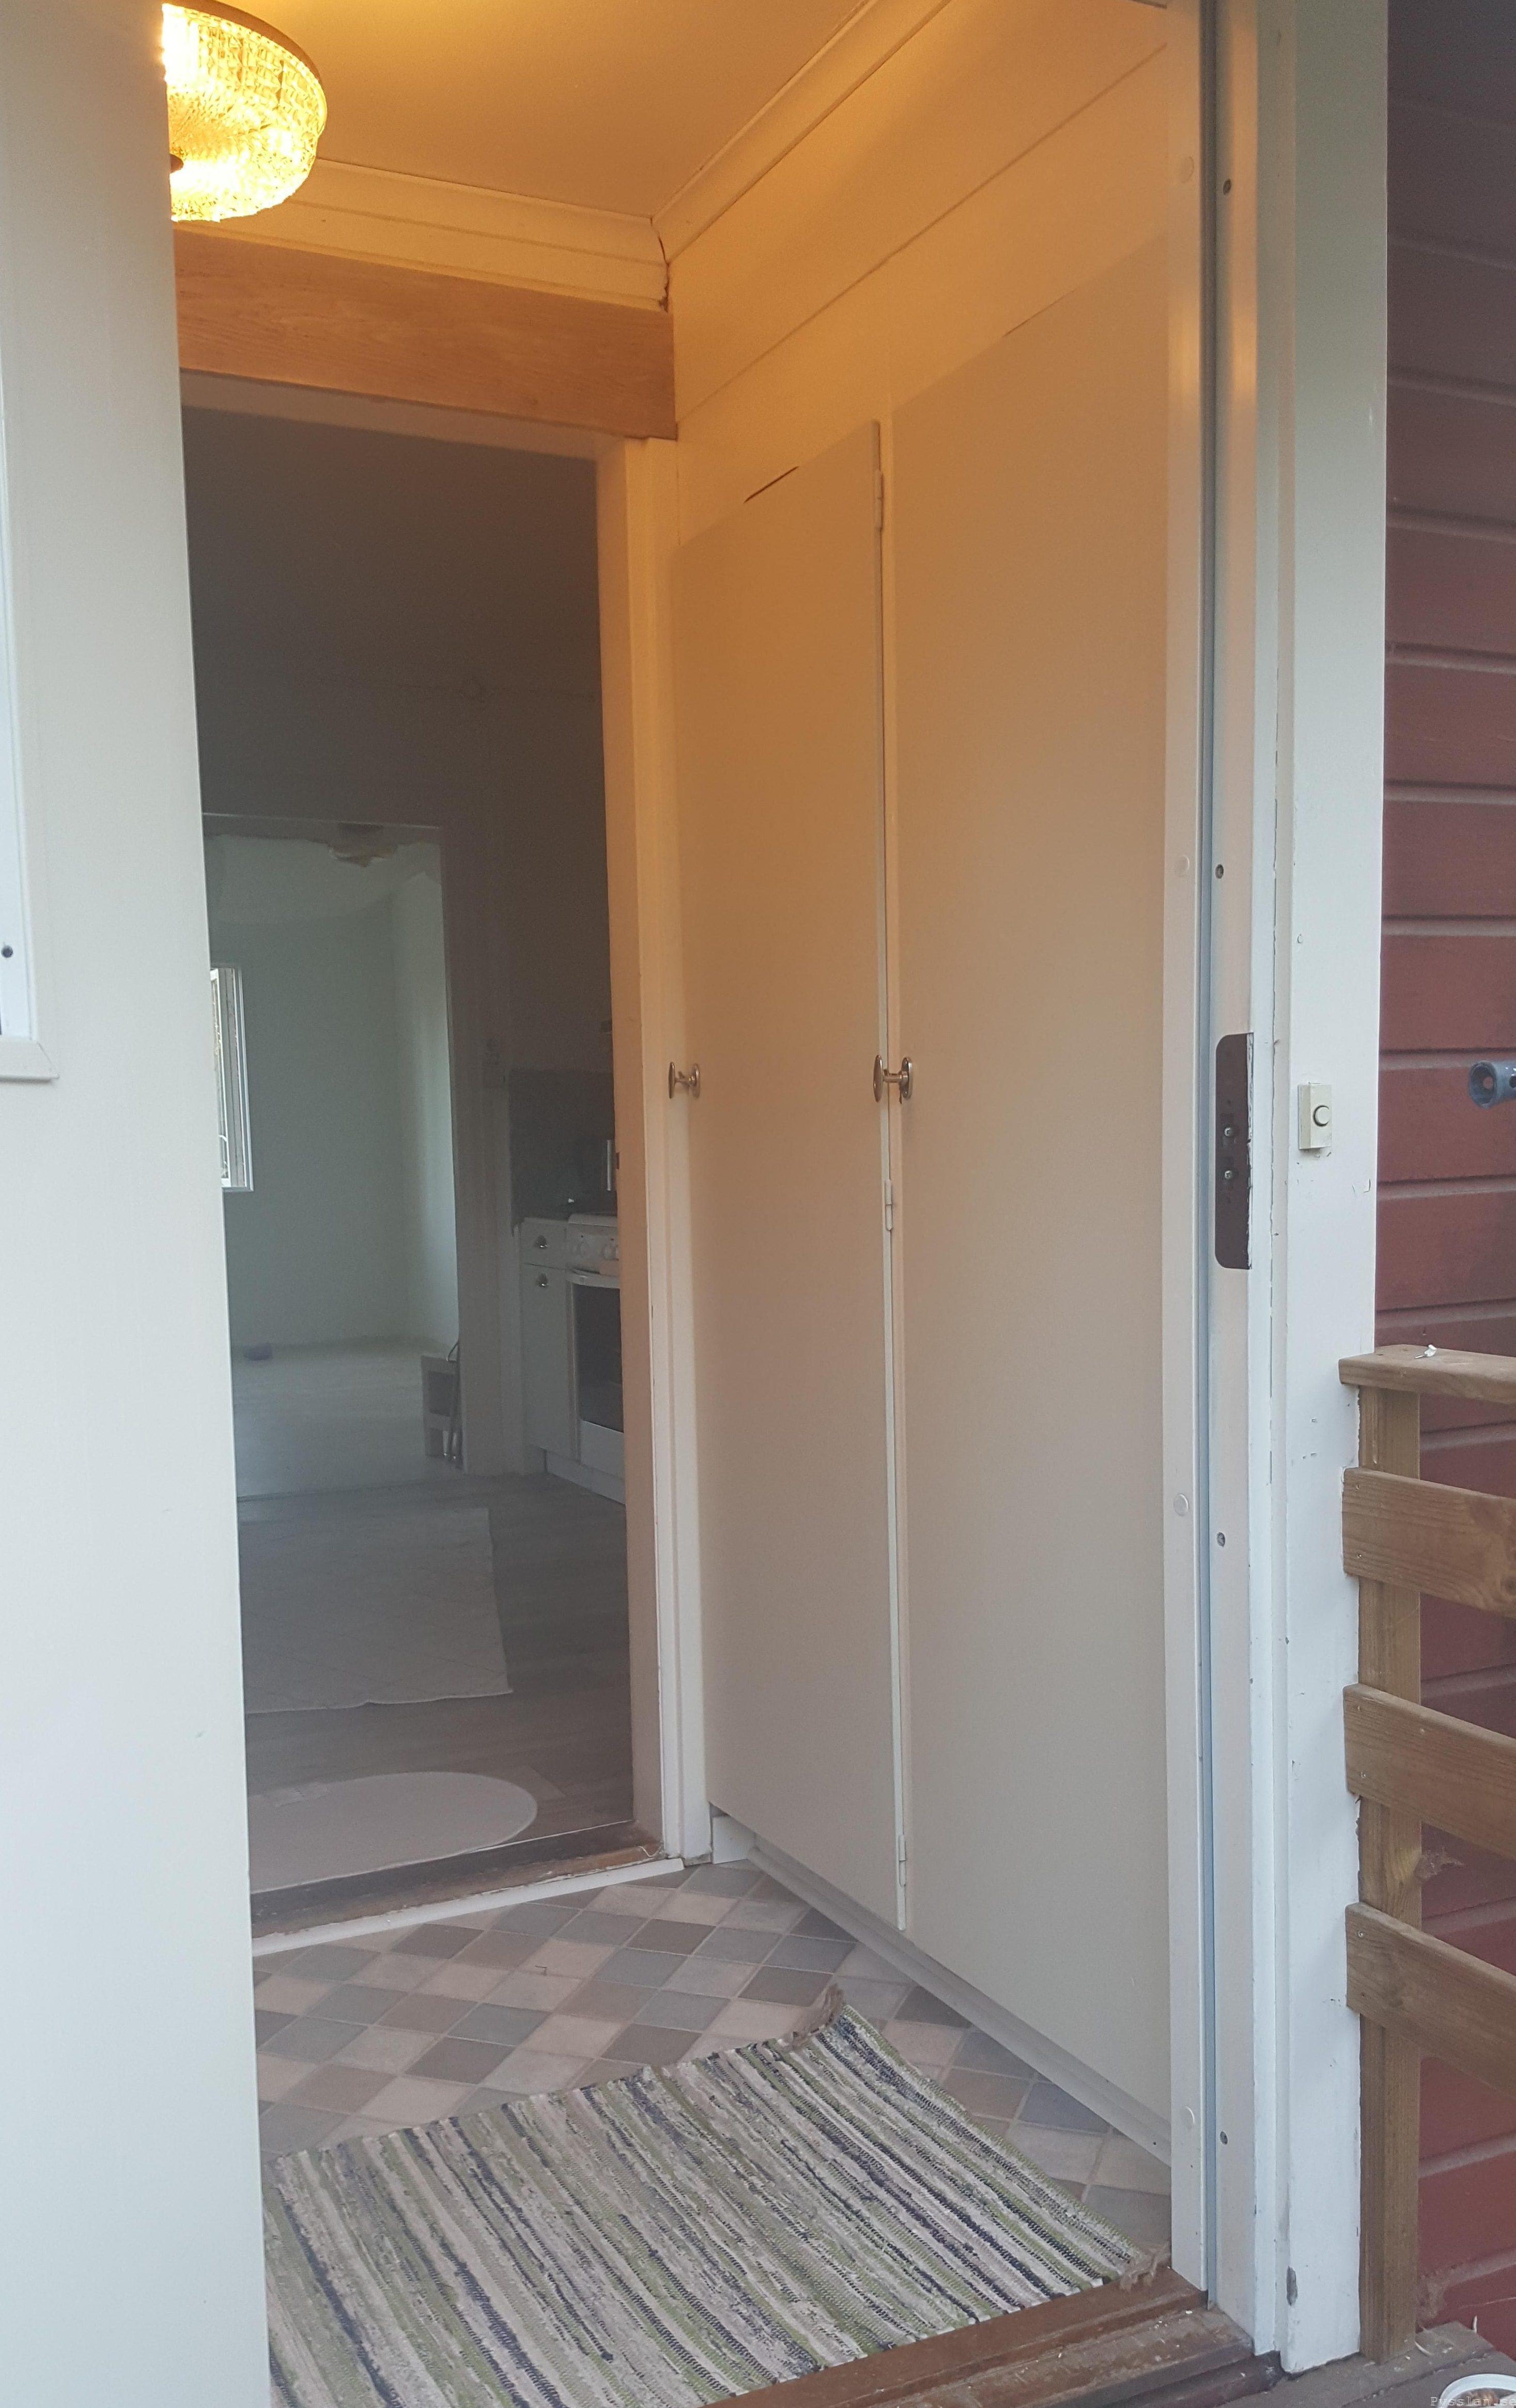 liten praktisk farstu 20-talshus snabbrenovering pysslan blogg innan ljusgröna garderobsdörrar